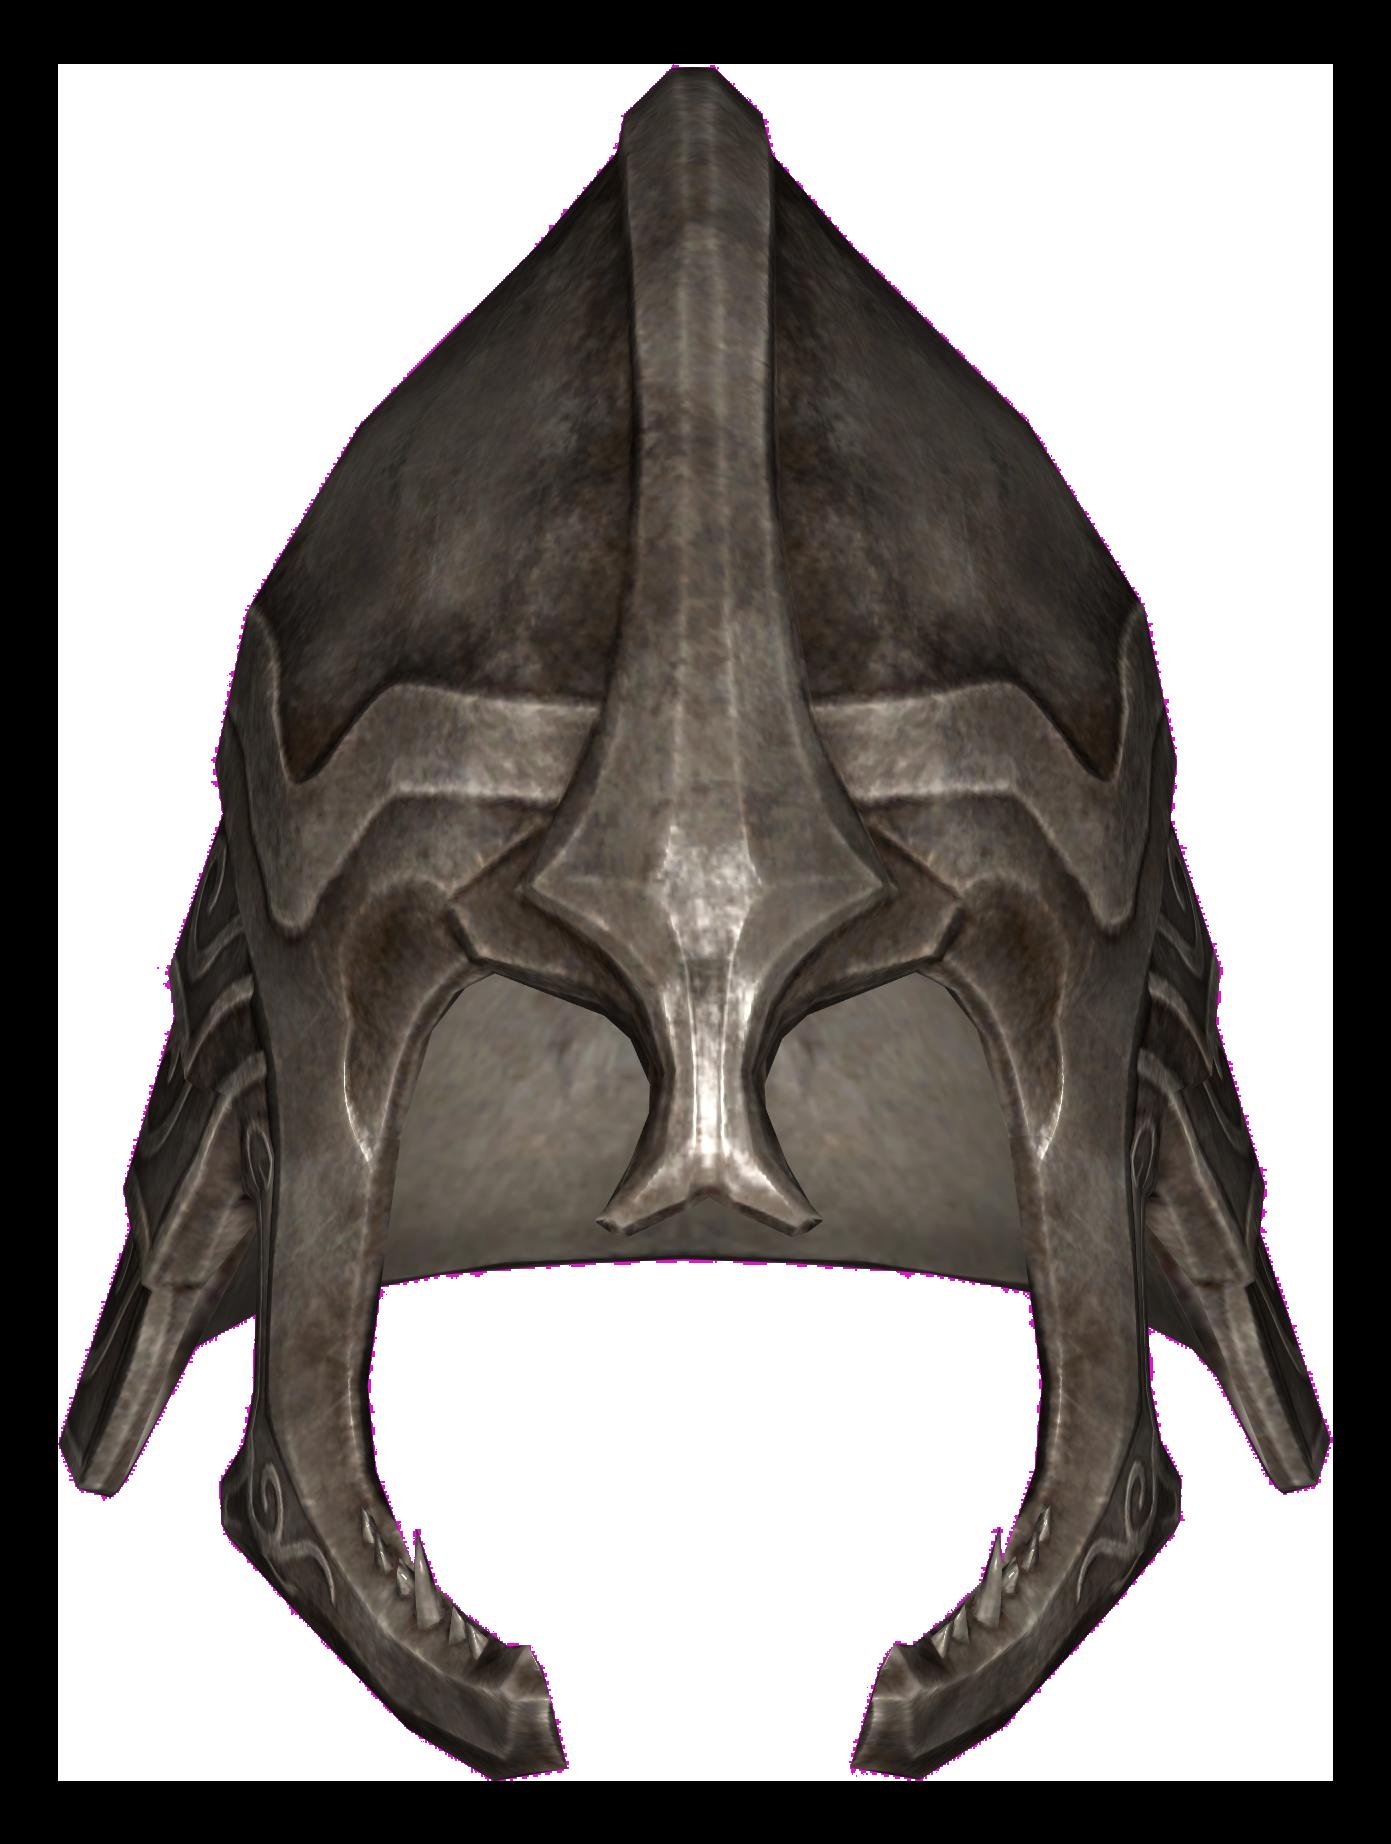 Skyrim helmet png. Image wolf elder scrolls